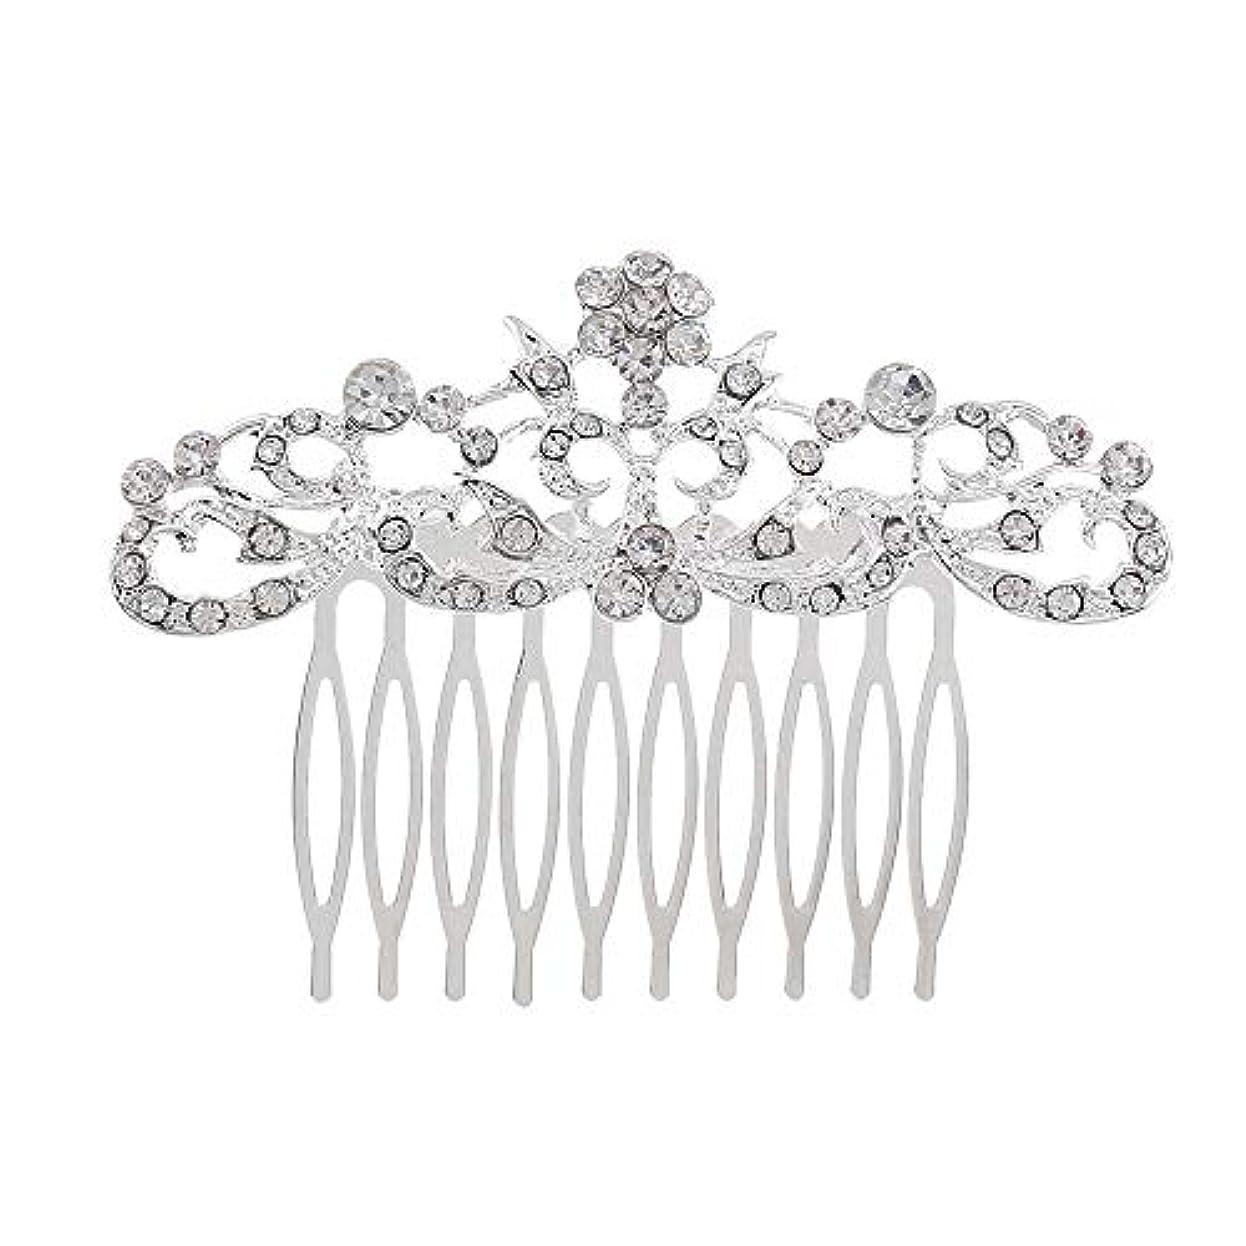 滞在並外れた計算する髪の櫛の櫛の櫛の花嫁の髪の櫛のファッションラインストーンの櫛の櫛の花嫁の頭飾りの結婚式のアクセサリー